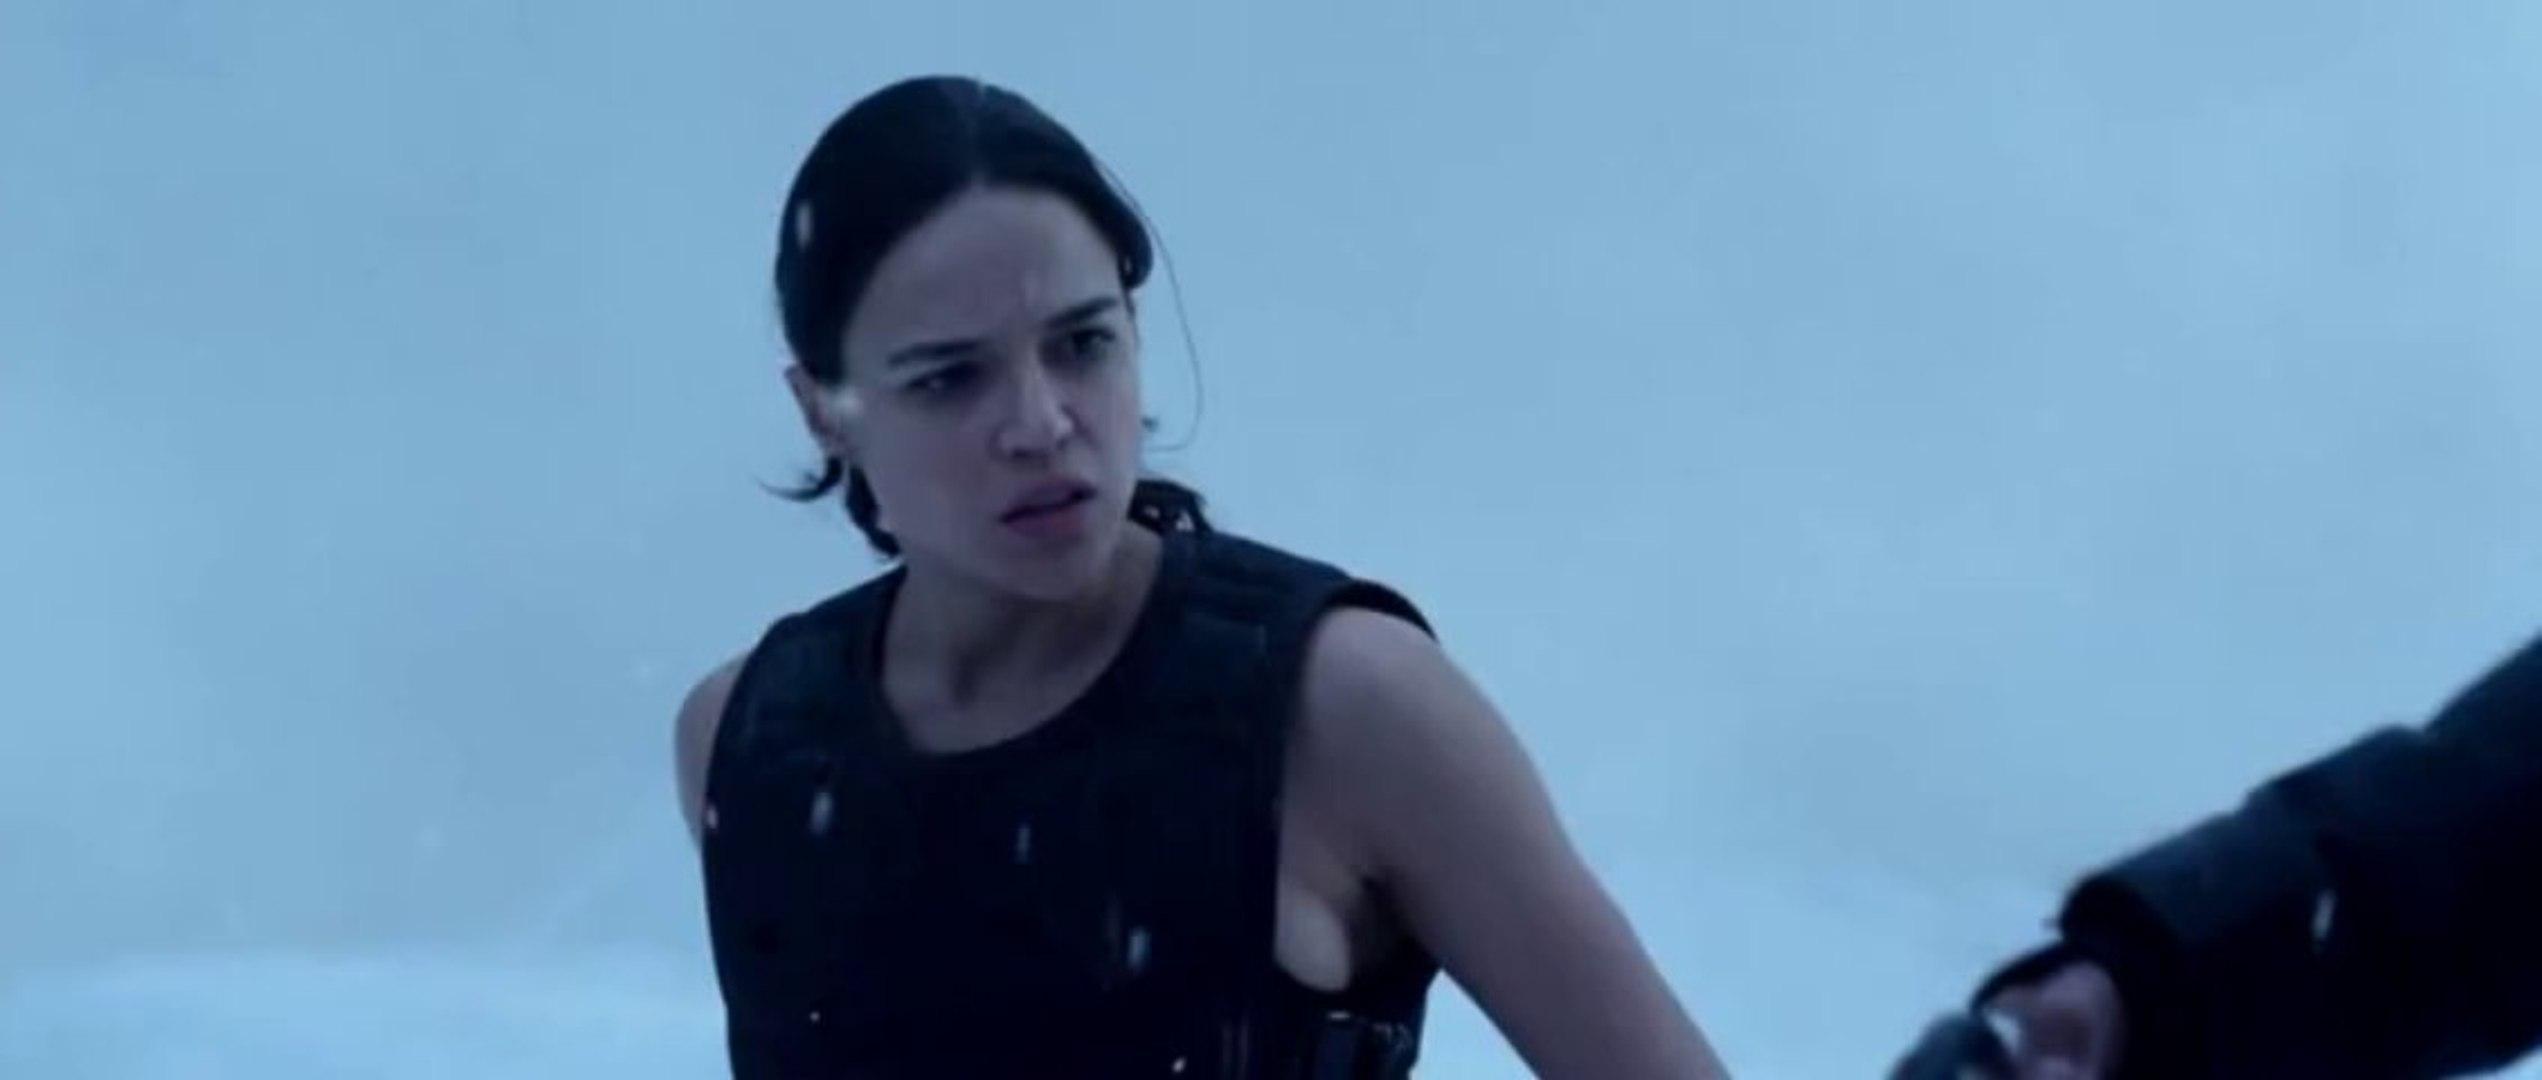 Resident Evil Retribution Best Fight Scene Alice Vs Jill Leon Lucher Vs Rain Video Dailymotion